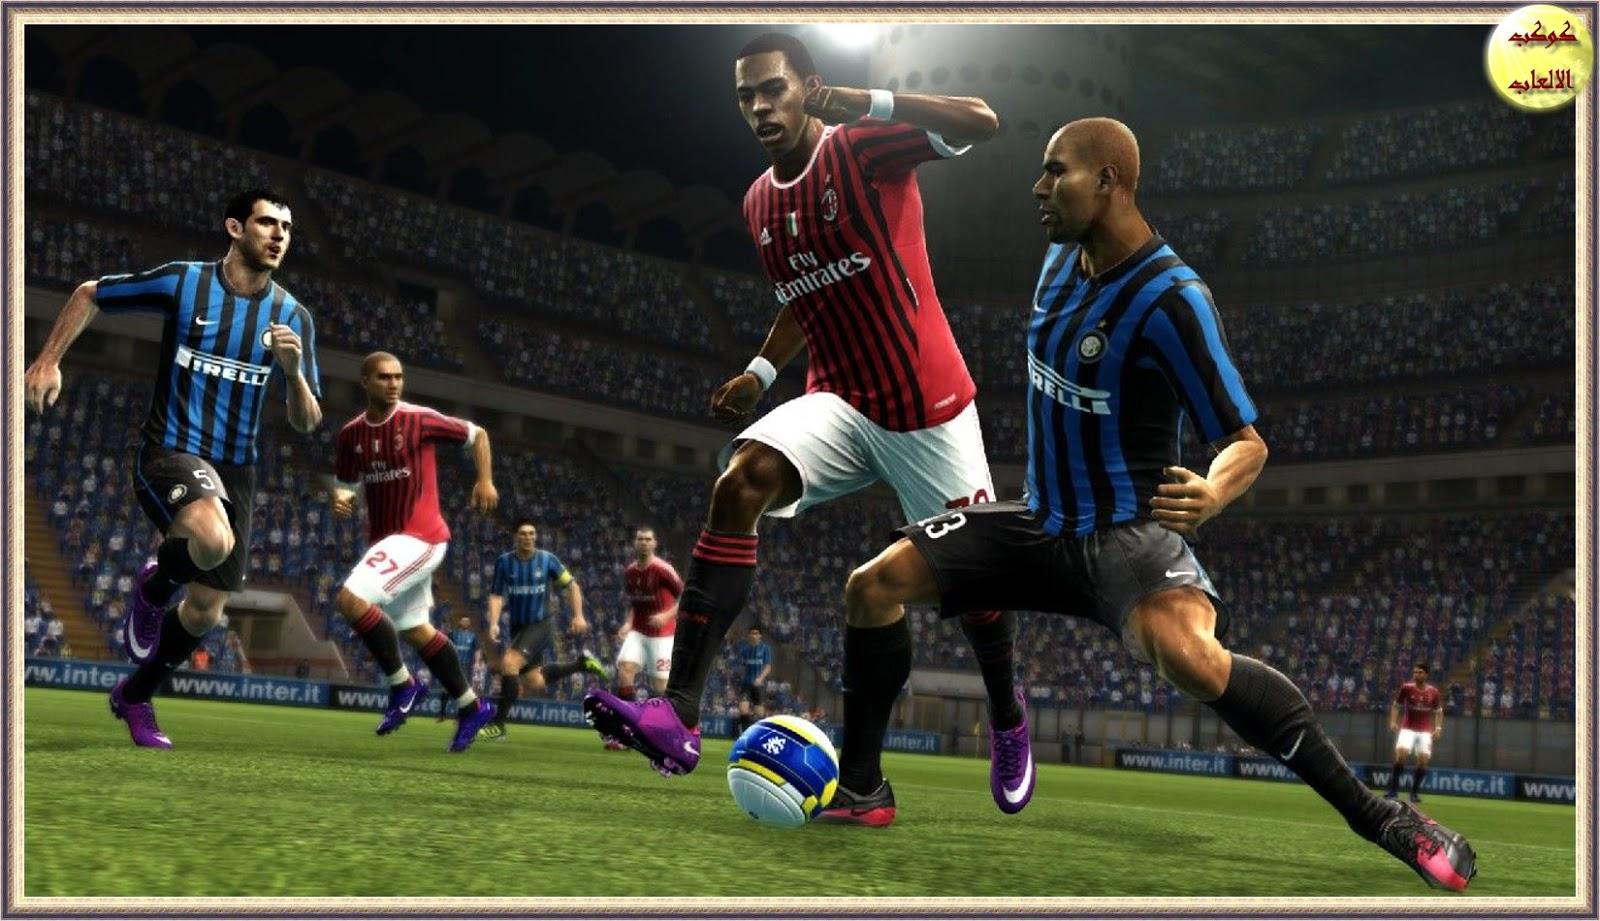 تحميل لعبة بيس 2013 Download games andriod